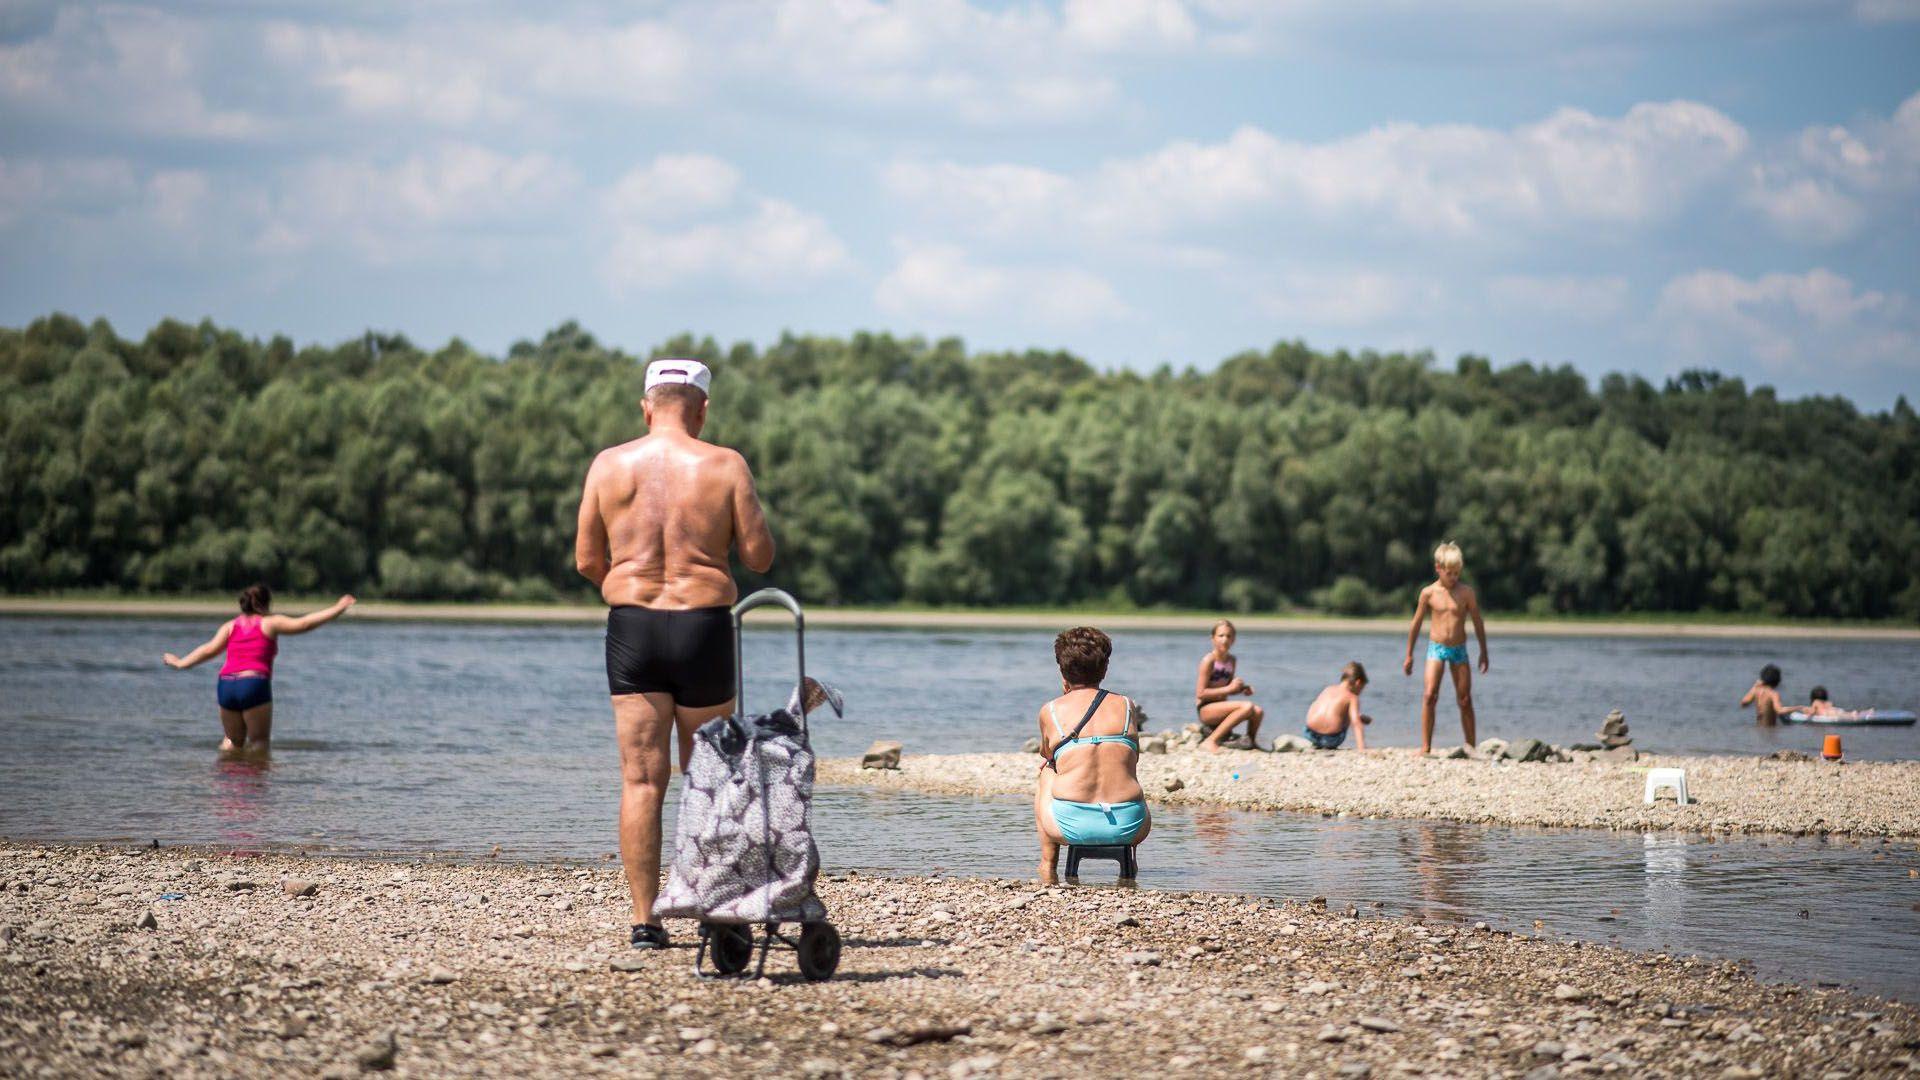 Békés vízpartra vágysz? Ez lesz a te helyed!